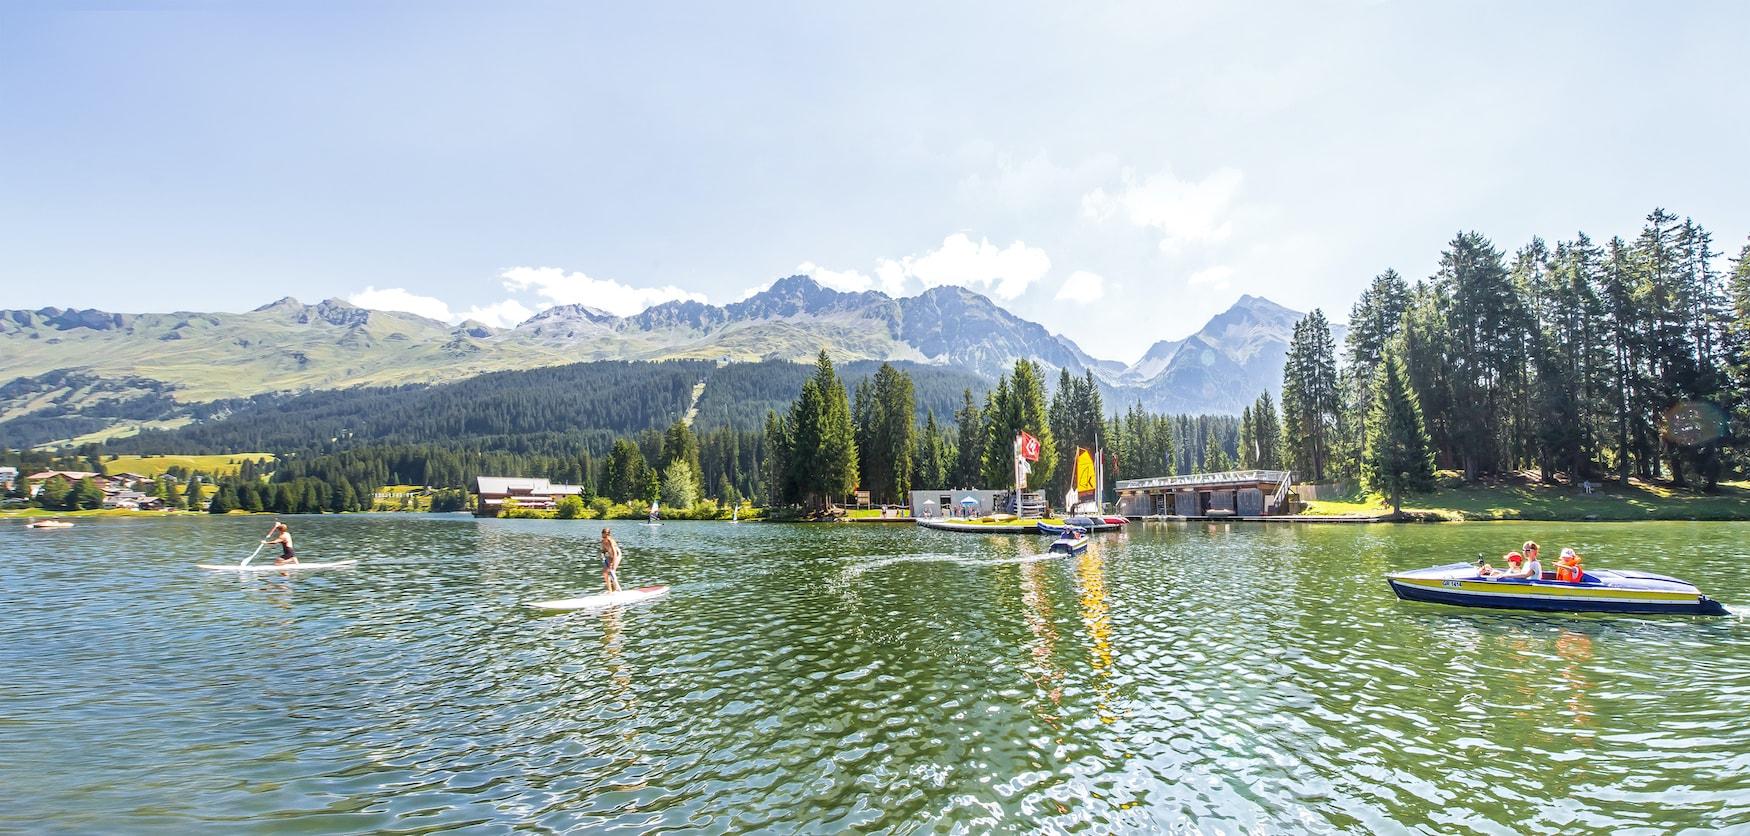 Wassersportcentrum am Heidsee in der Schweiz